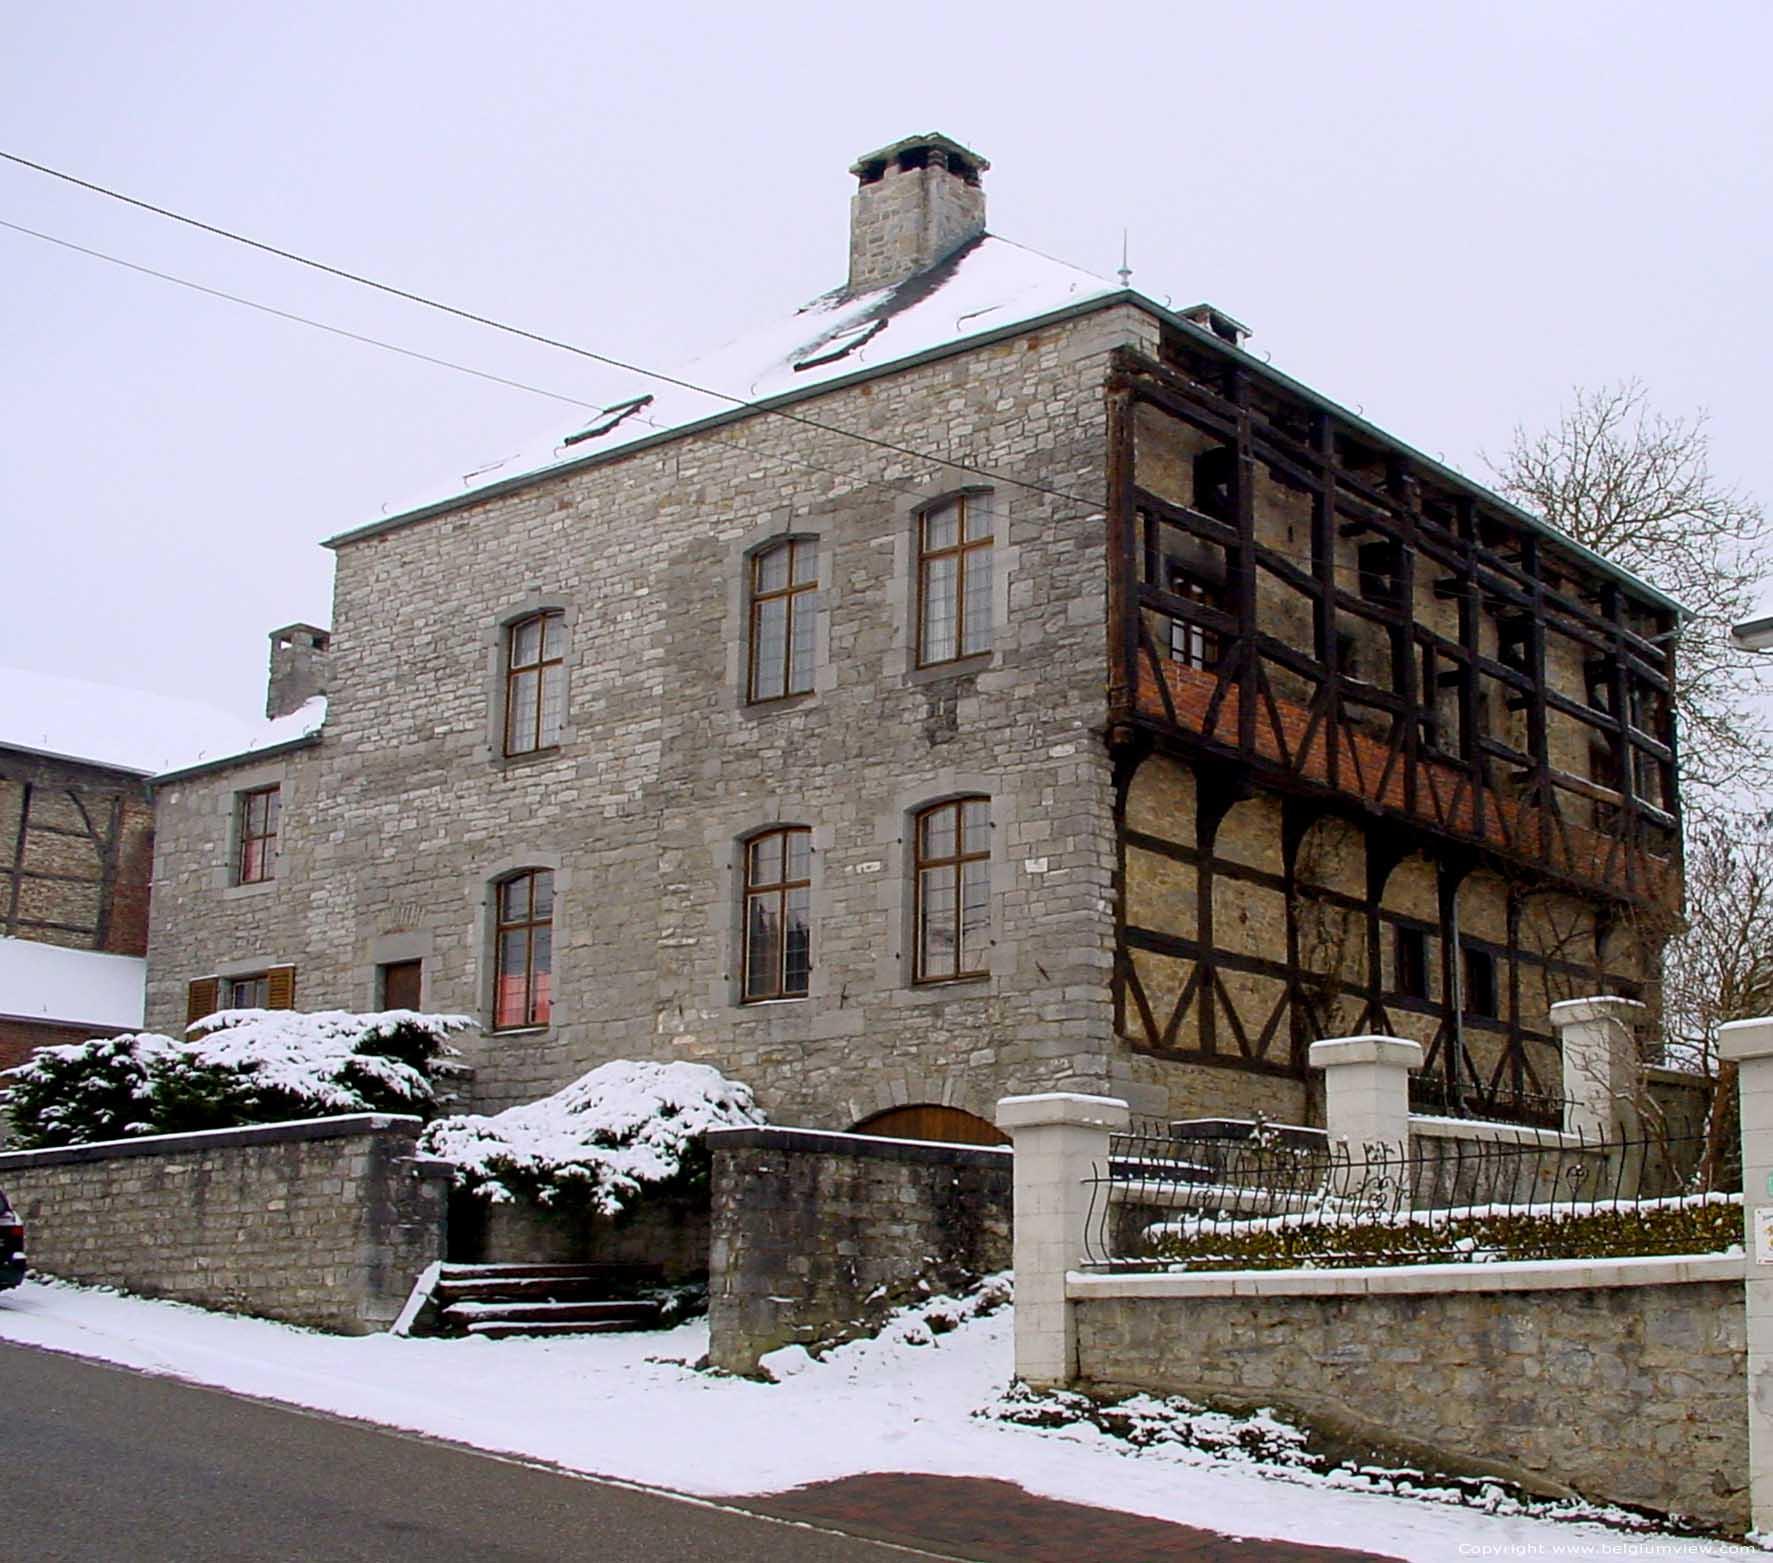 Huis met oude gevel gimnee doische foto - Provencaalse huis gevel ...